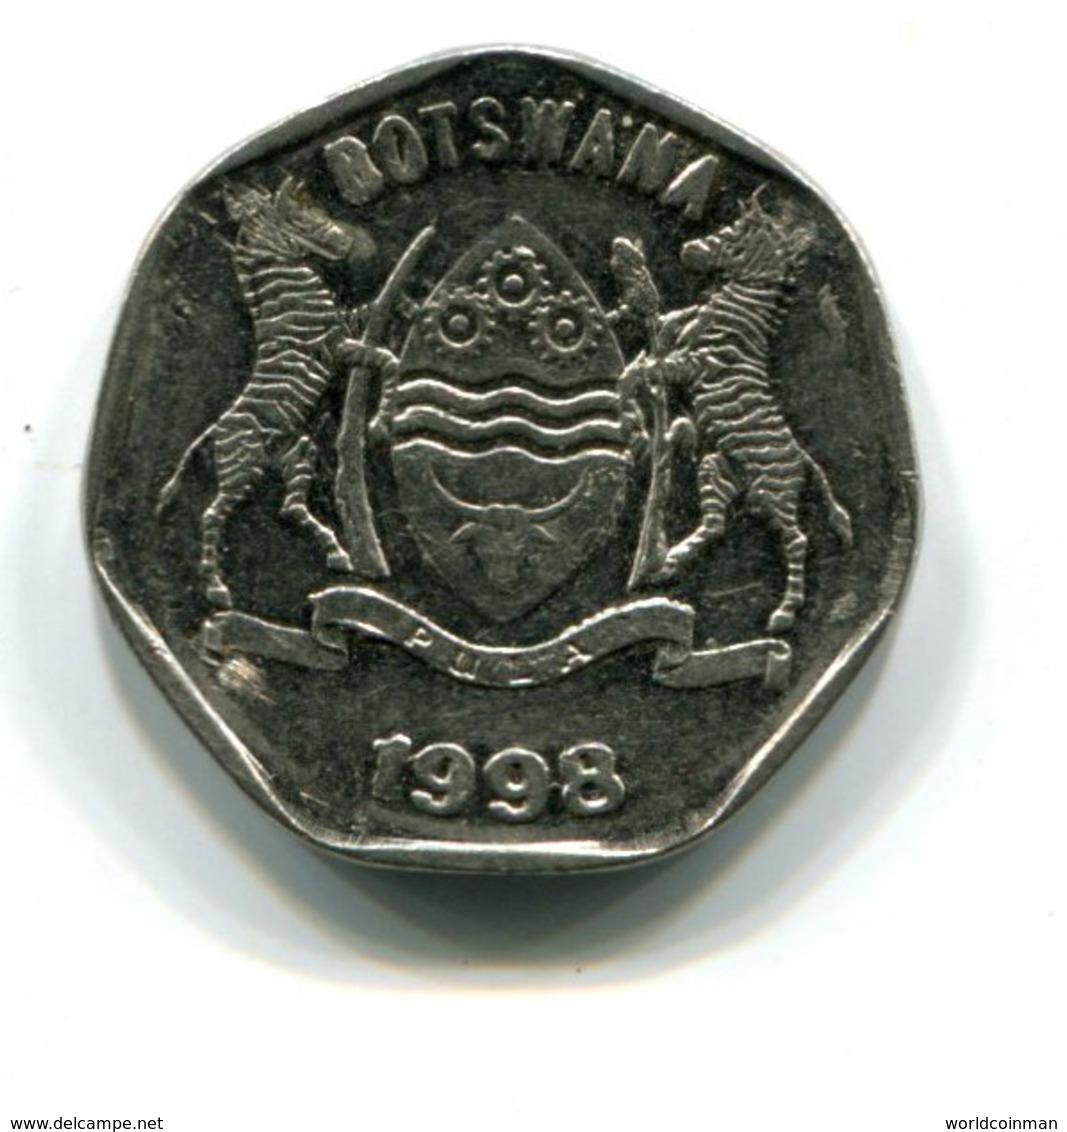 1998 Botswana 25 Thebe Coin - Botswana